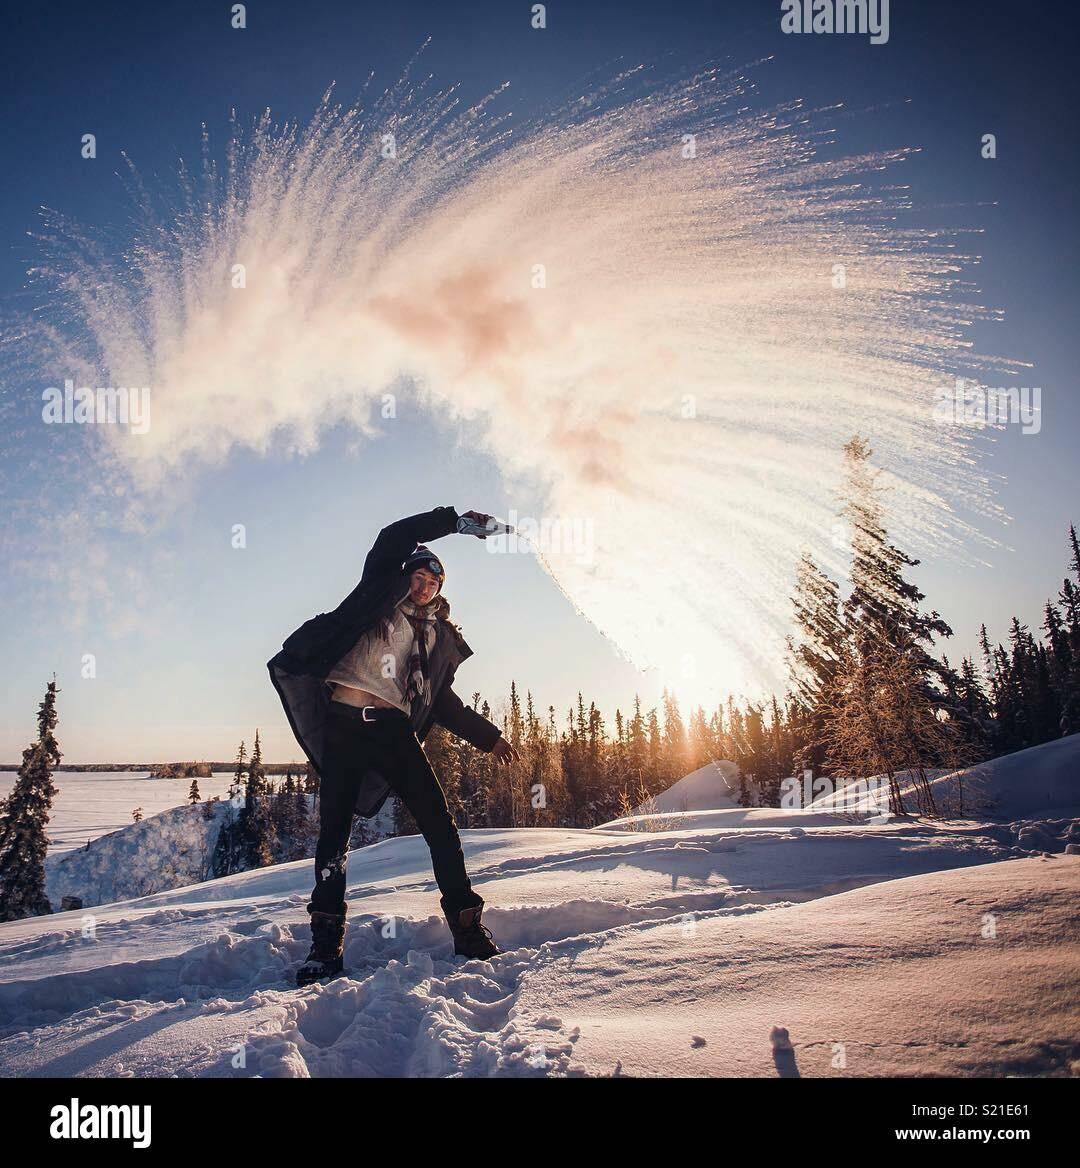 Atirar água em -40C, que congela instantaneamente. Territórios do Noroeste, Canadá Imagens de Stock